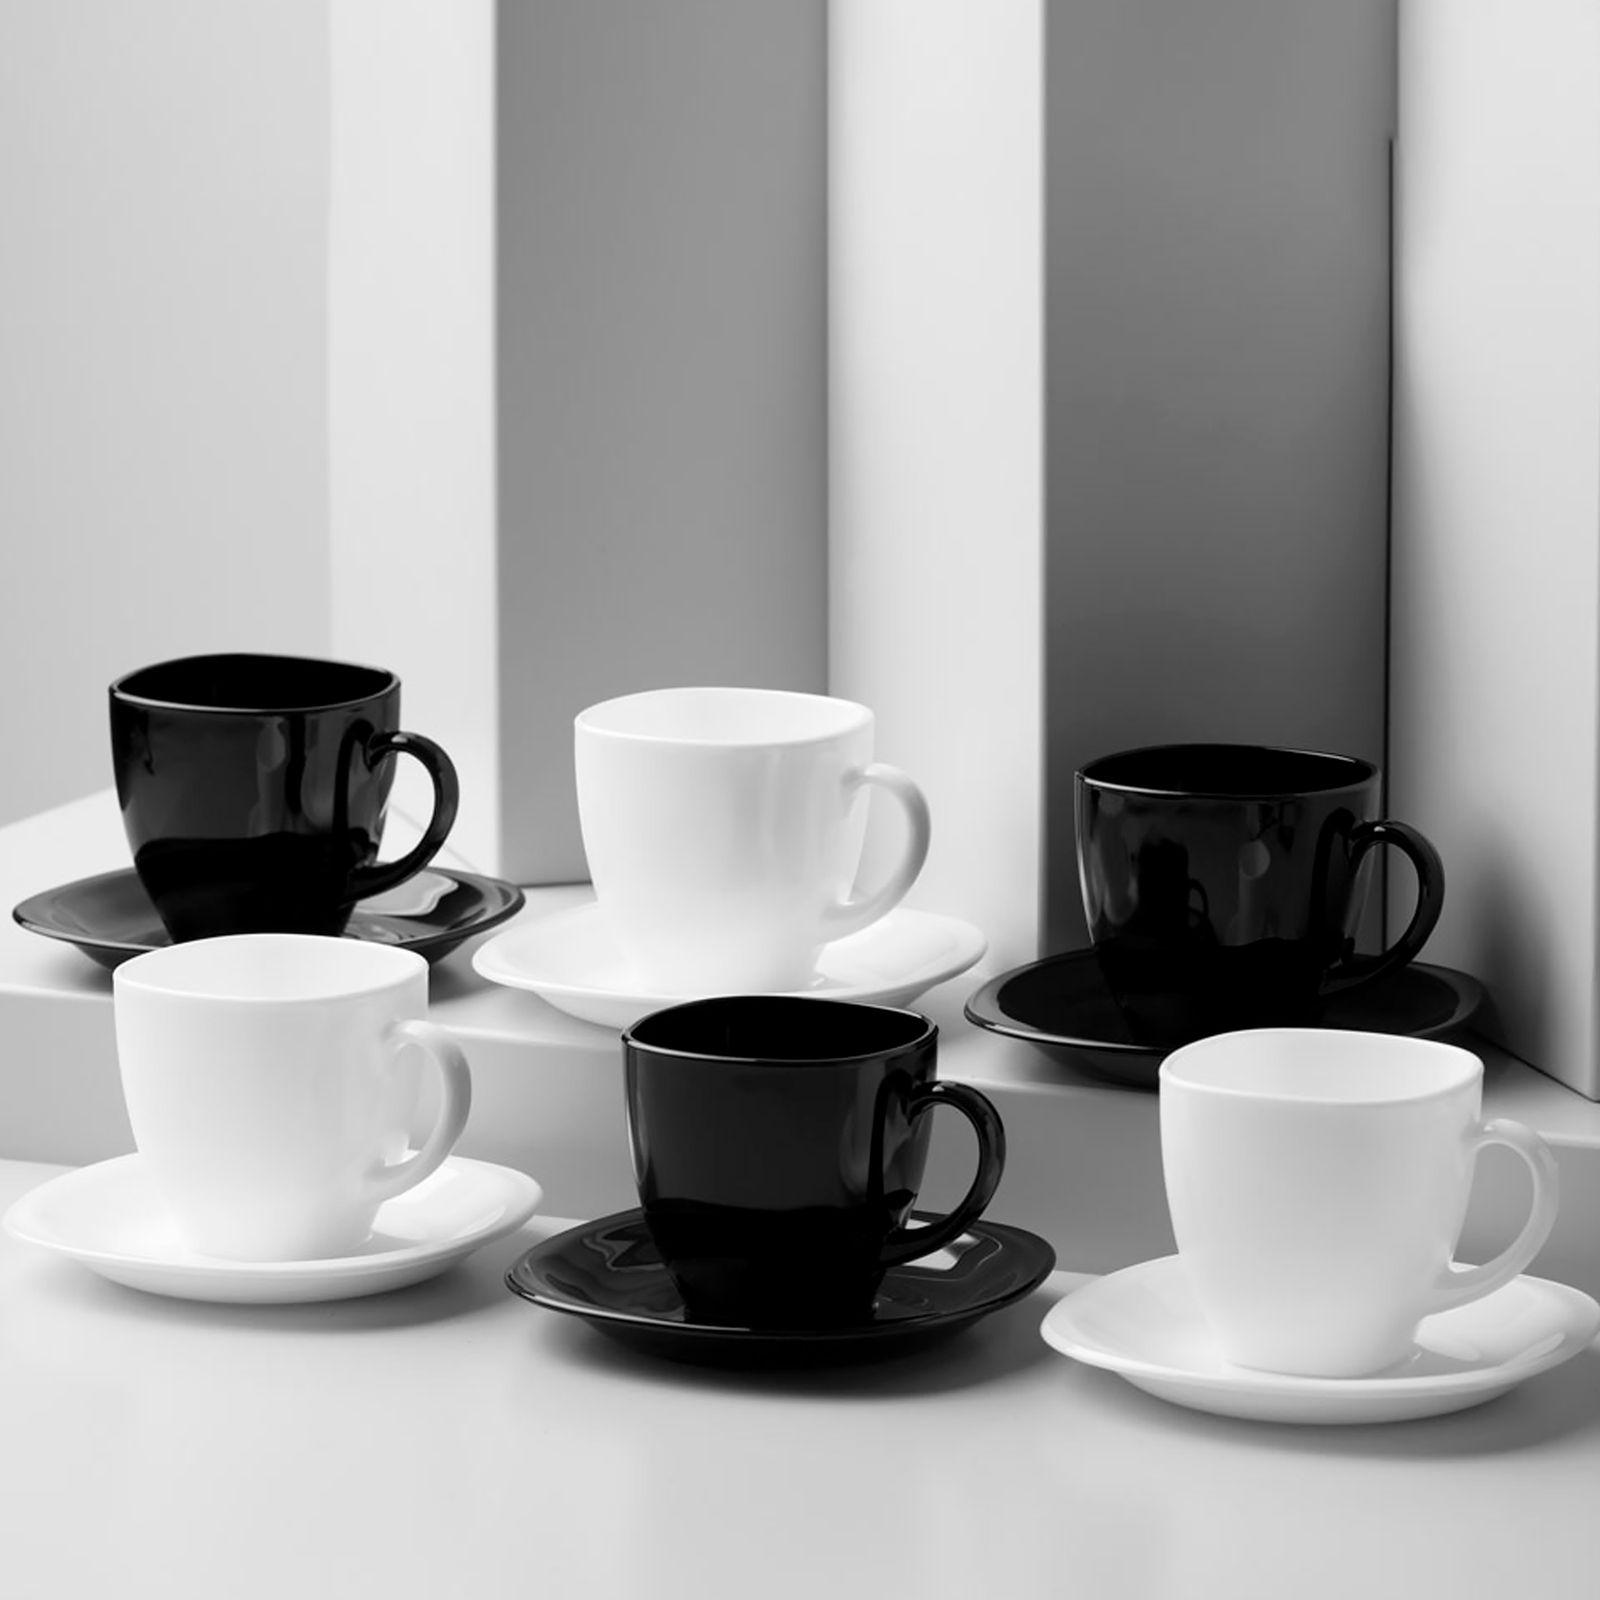 Servizio da tè / caffè Carine White & Black 220 ml 12-pezzi LUMINARC